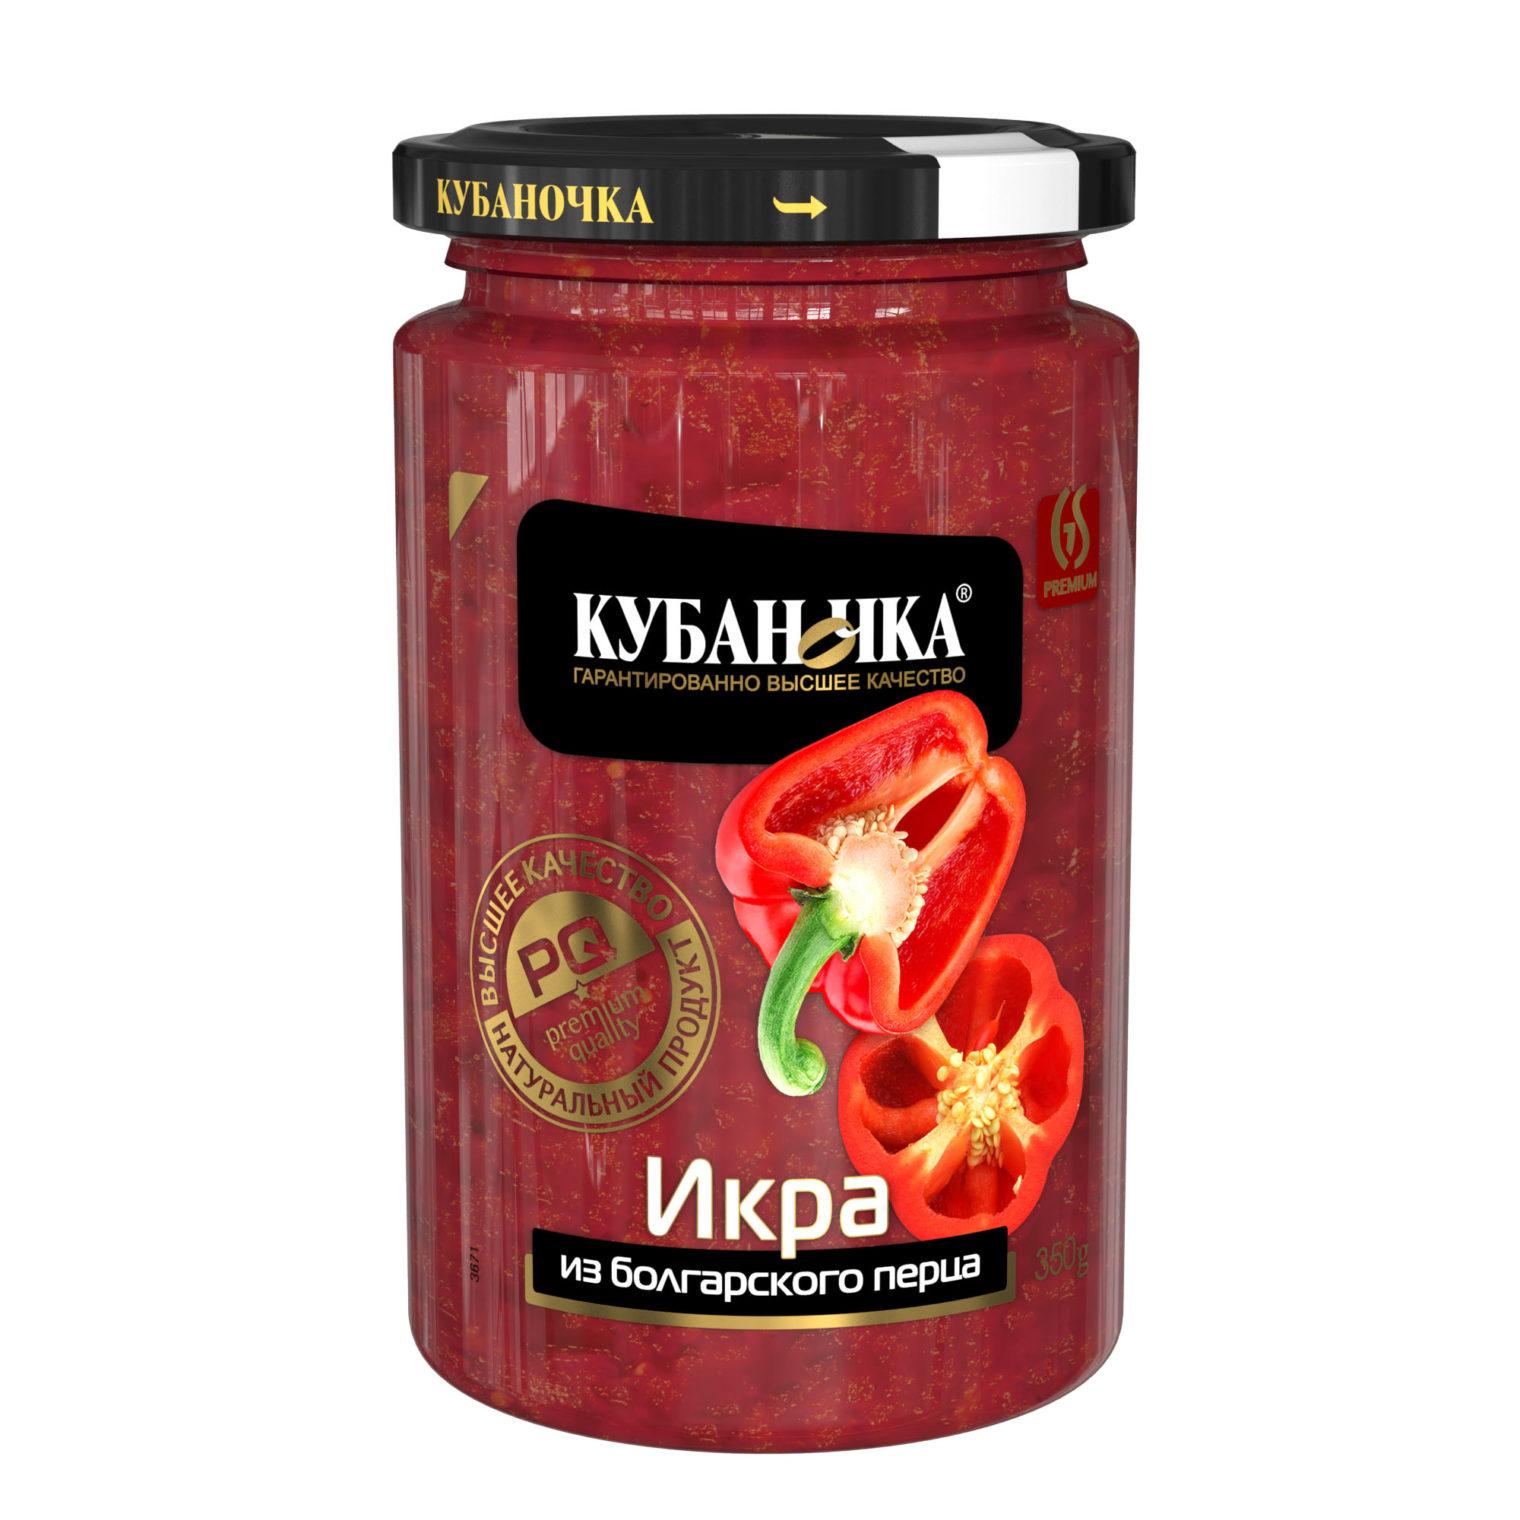 Икра из болгарского перца, Масса: 350 г